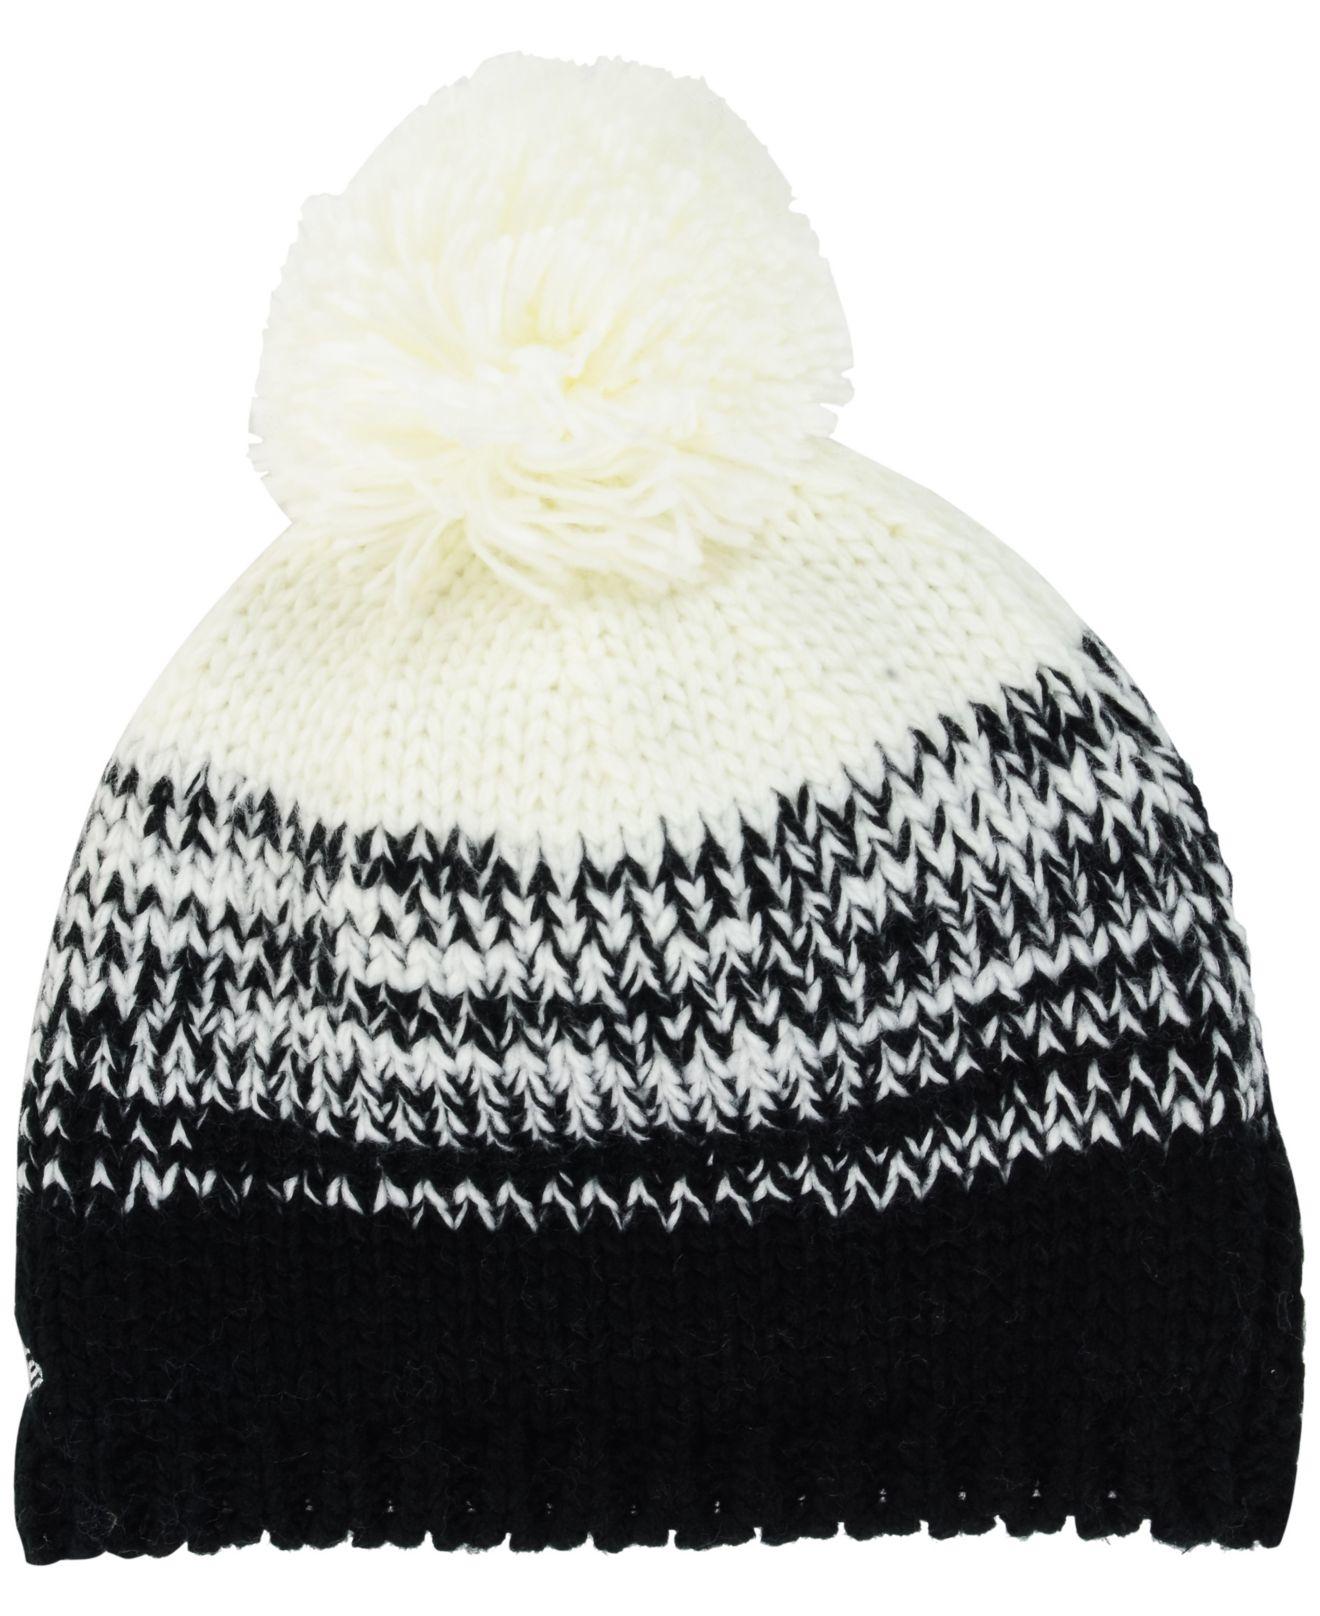 c7d62c487 Lyst - Ktz Women s New Orleans Saints Polar Dust Knit Hat in White